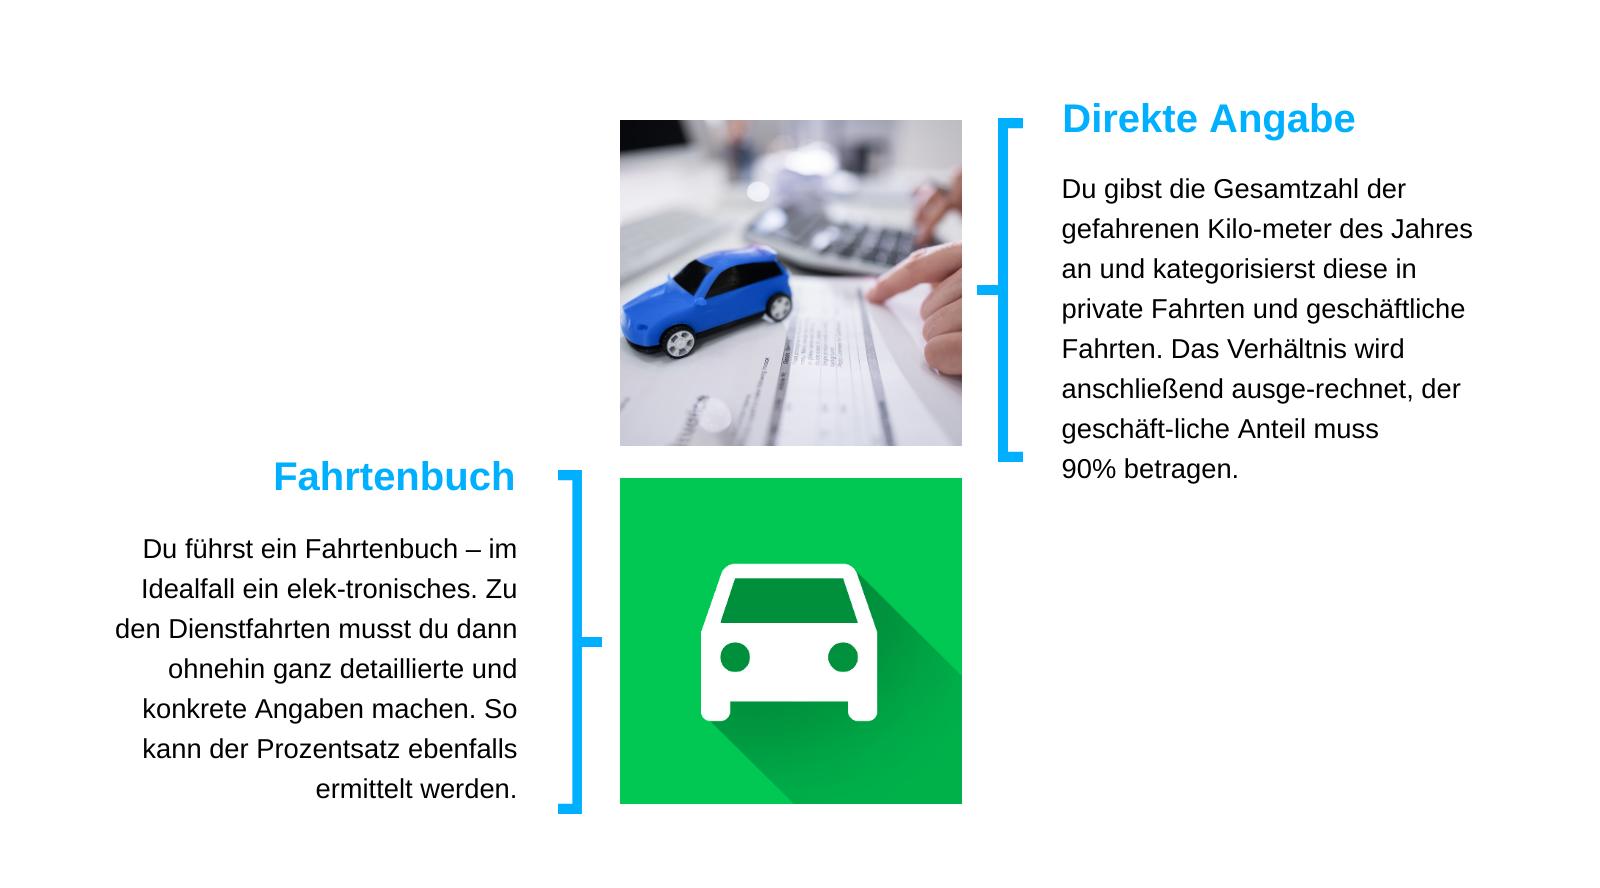 Entweder ein (bestenfalls) elektronisches Fahrtenbuch oder mühsam direkt beim Finanzamt angeben.